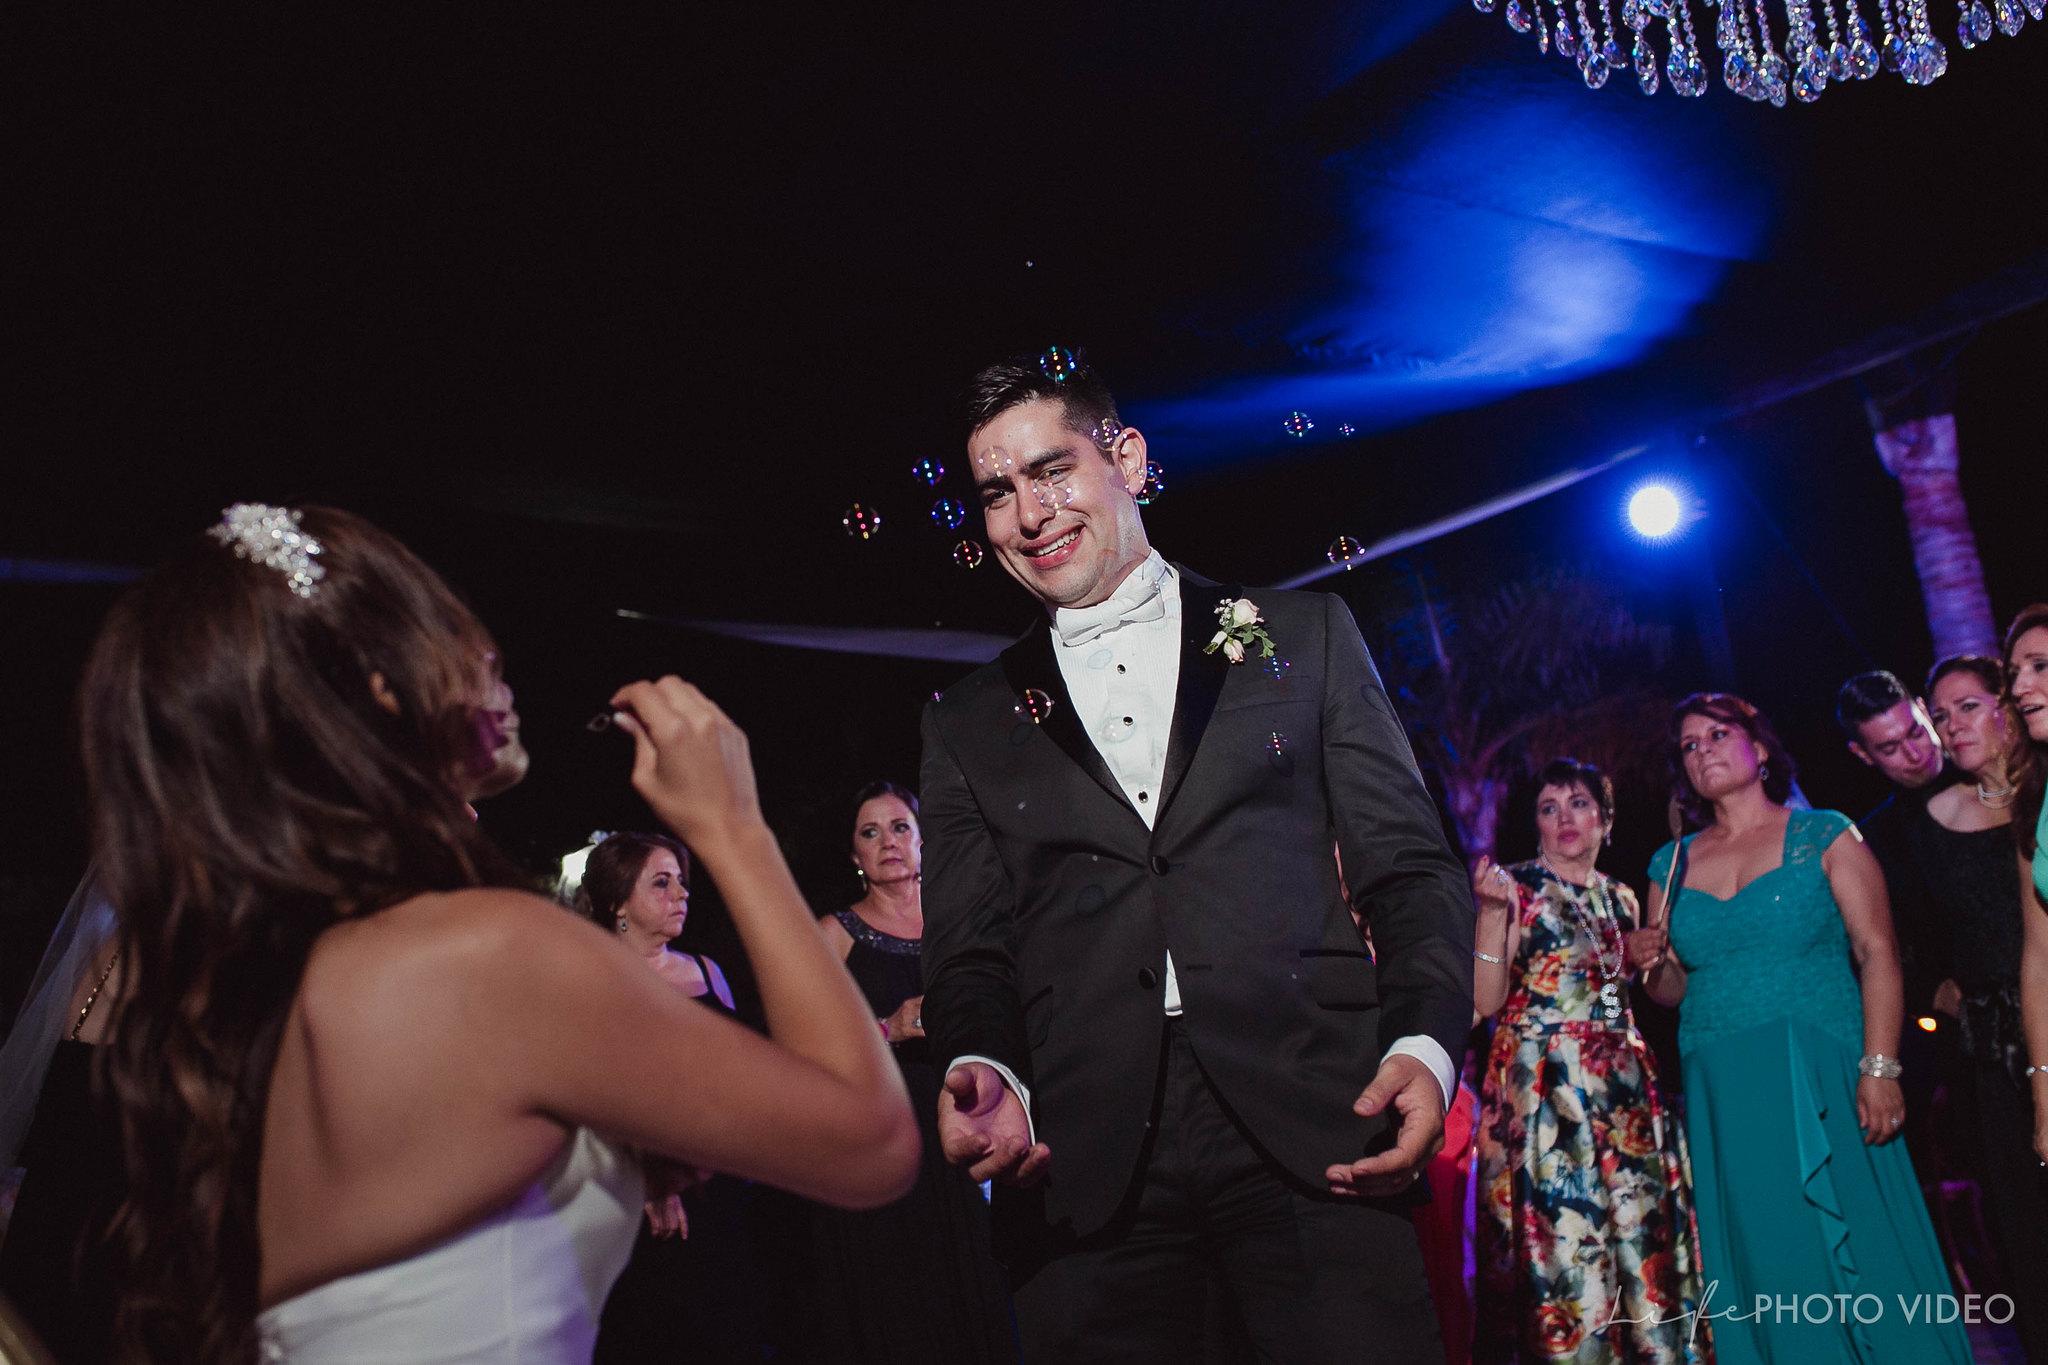 Boda_LeonGto_Wedding_LifePhotoVideo_0010.jpg